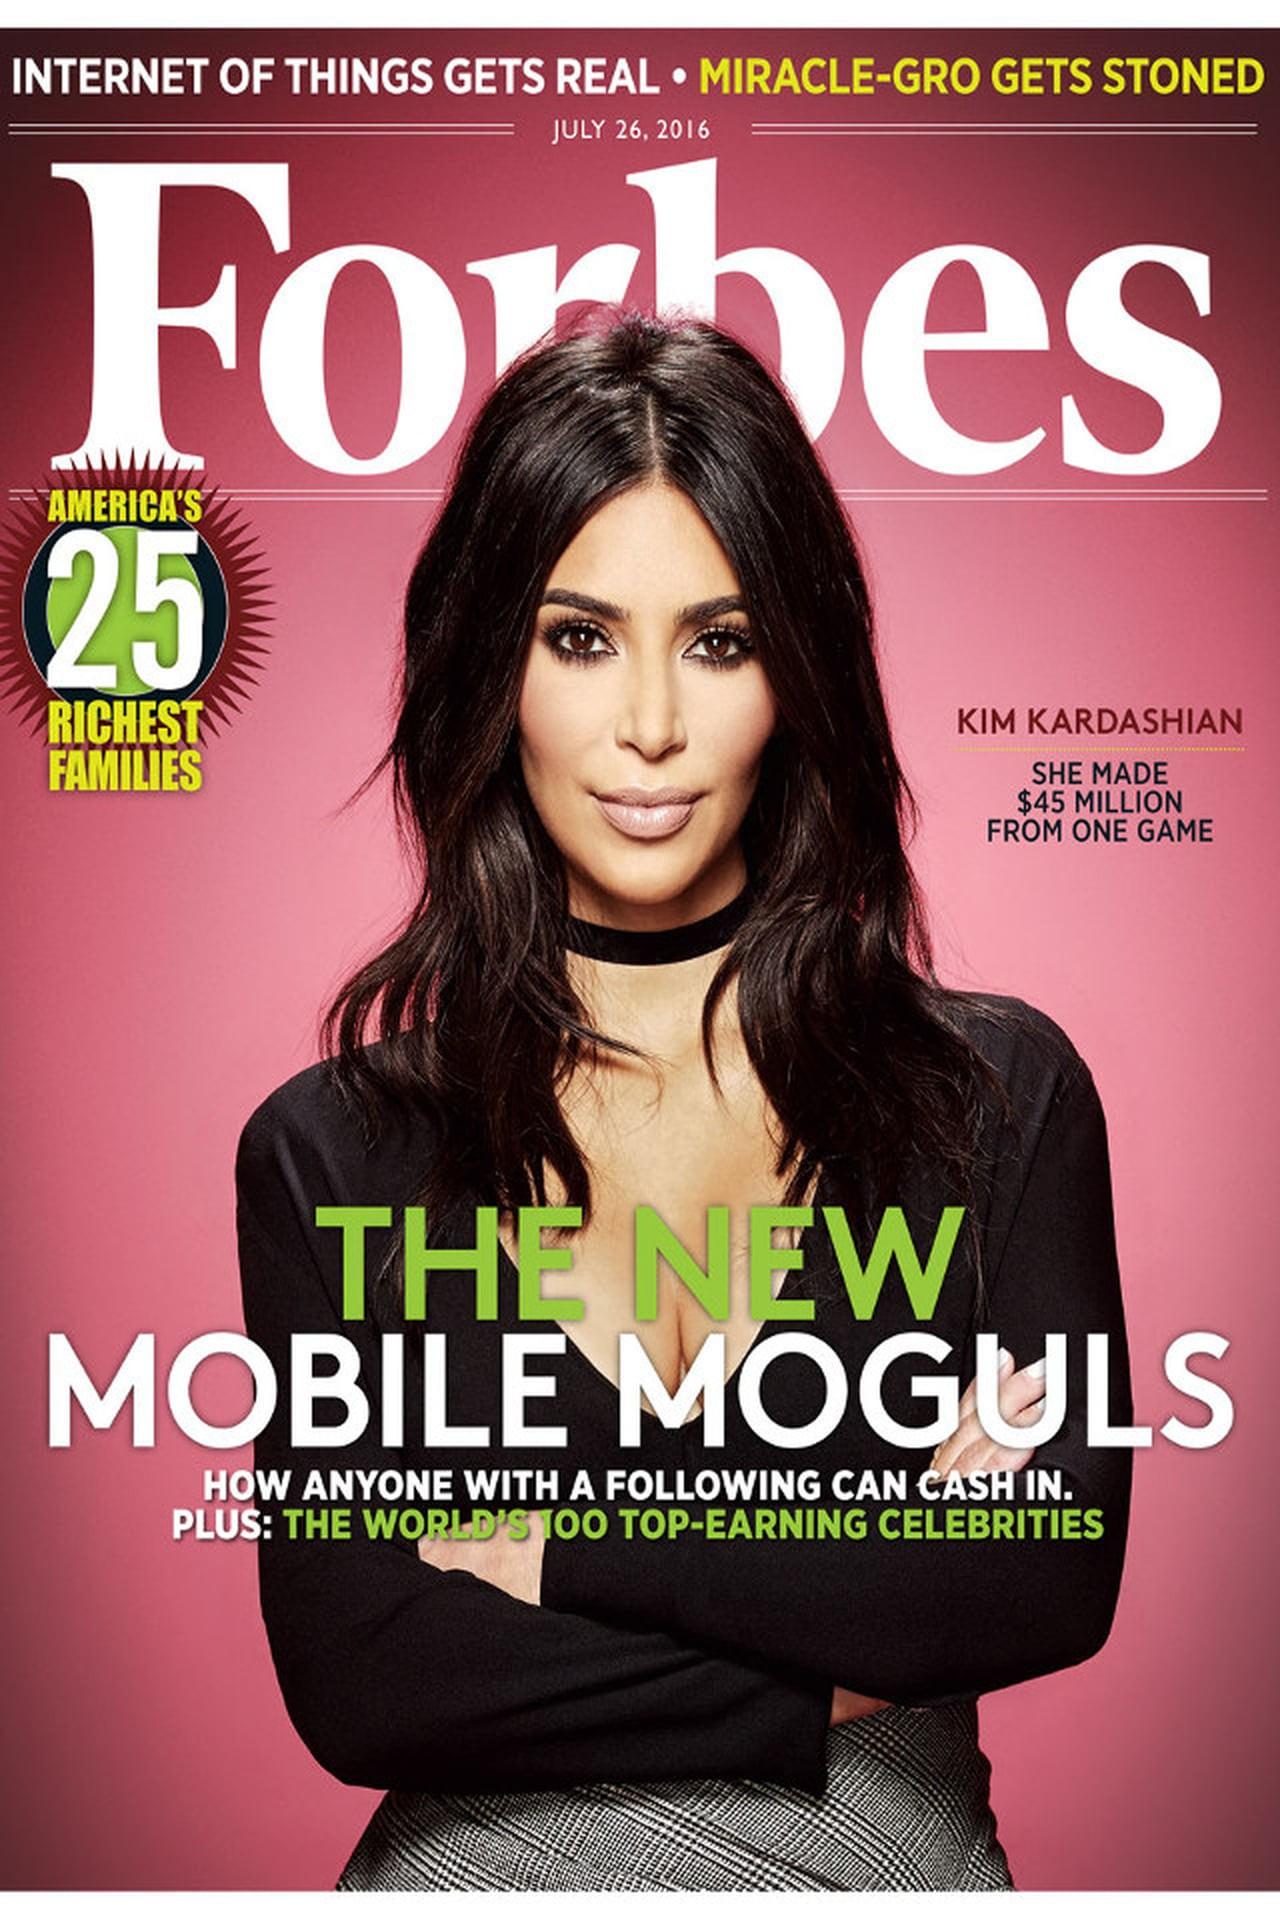 Ngỡ chỉ nổi nhờ chiêu trò rẻ tiền, Kim Kardashian lại khiến cả thế giới choáng với học thức khủng, tài kinh doanh quá đỉnh - Ảnh 1.